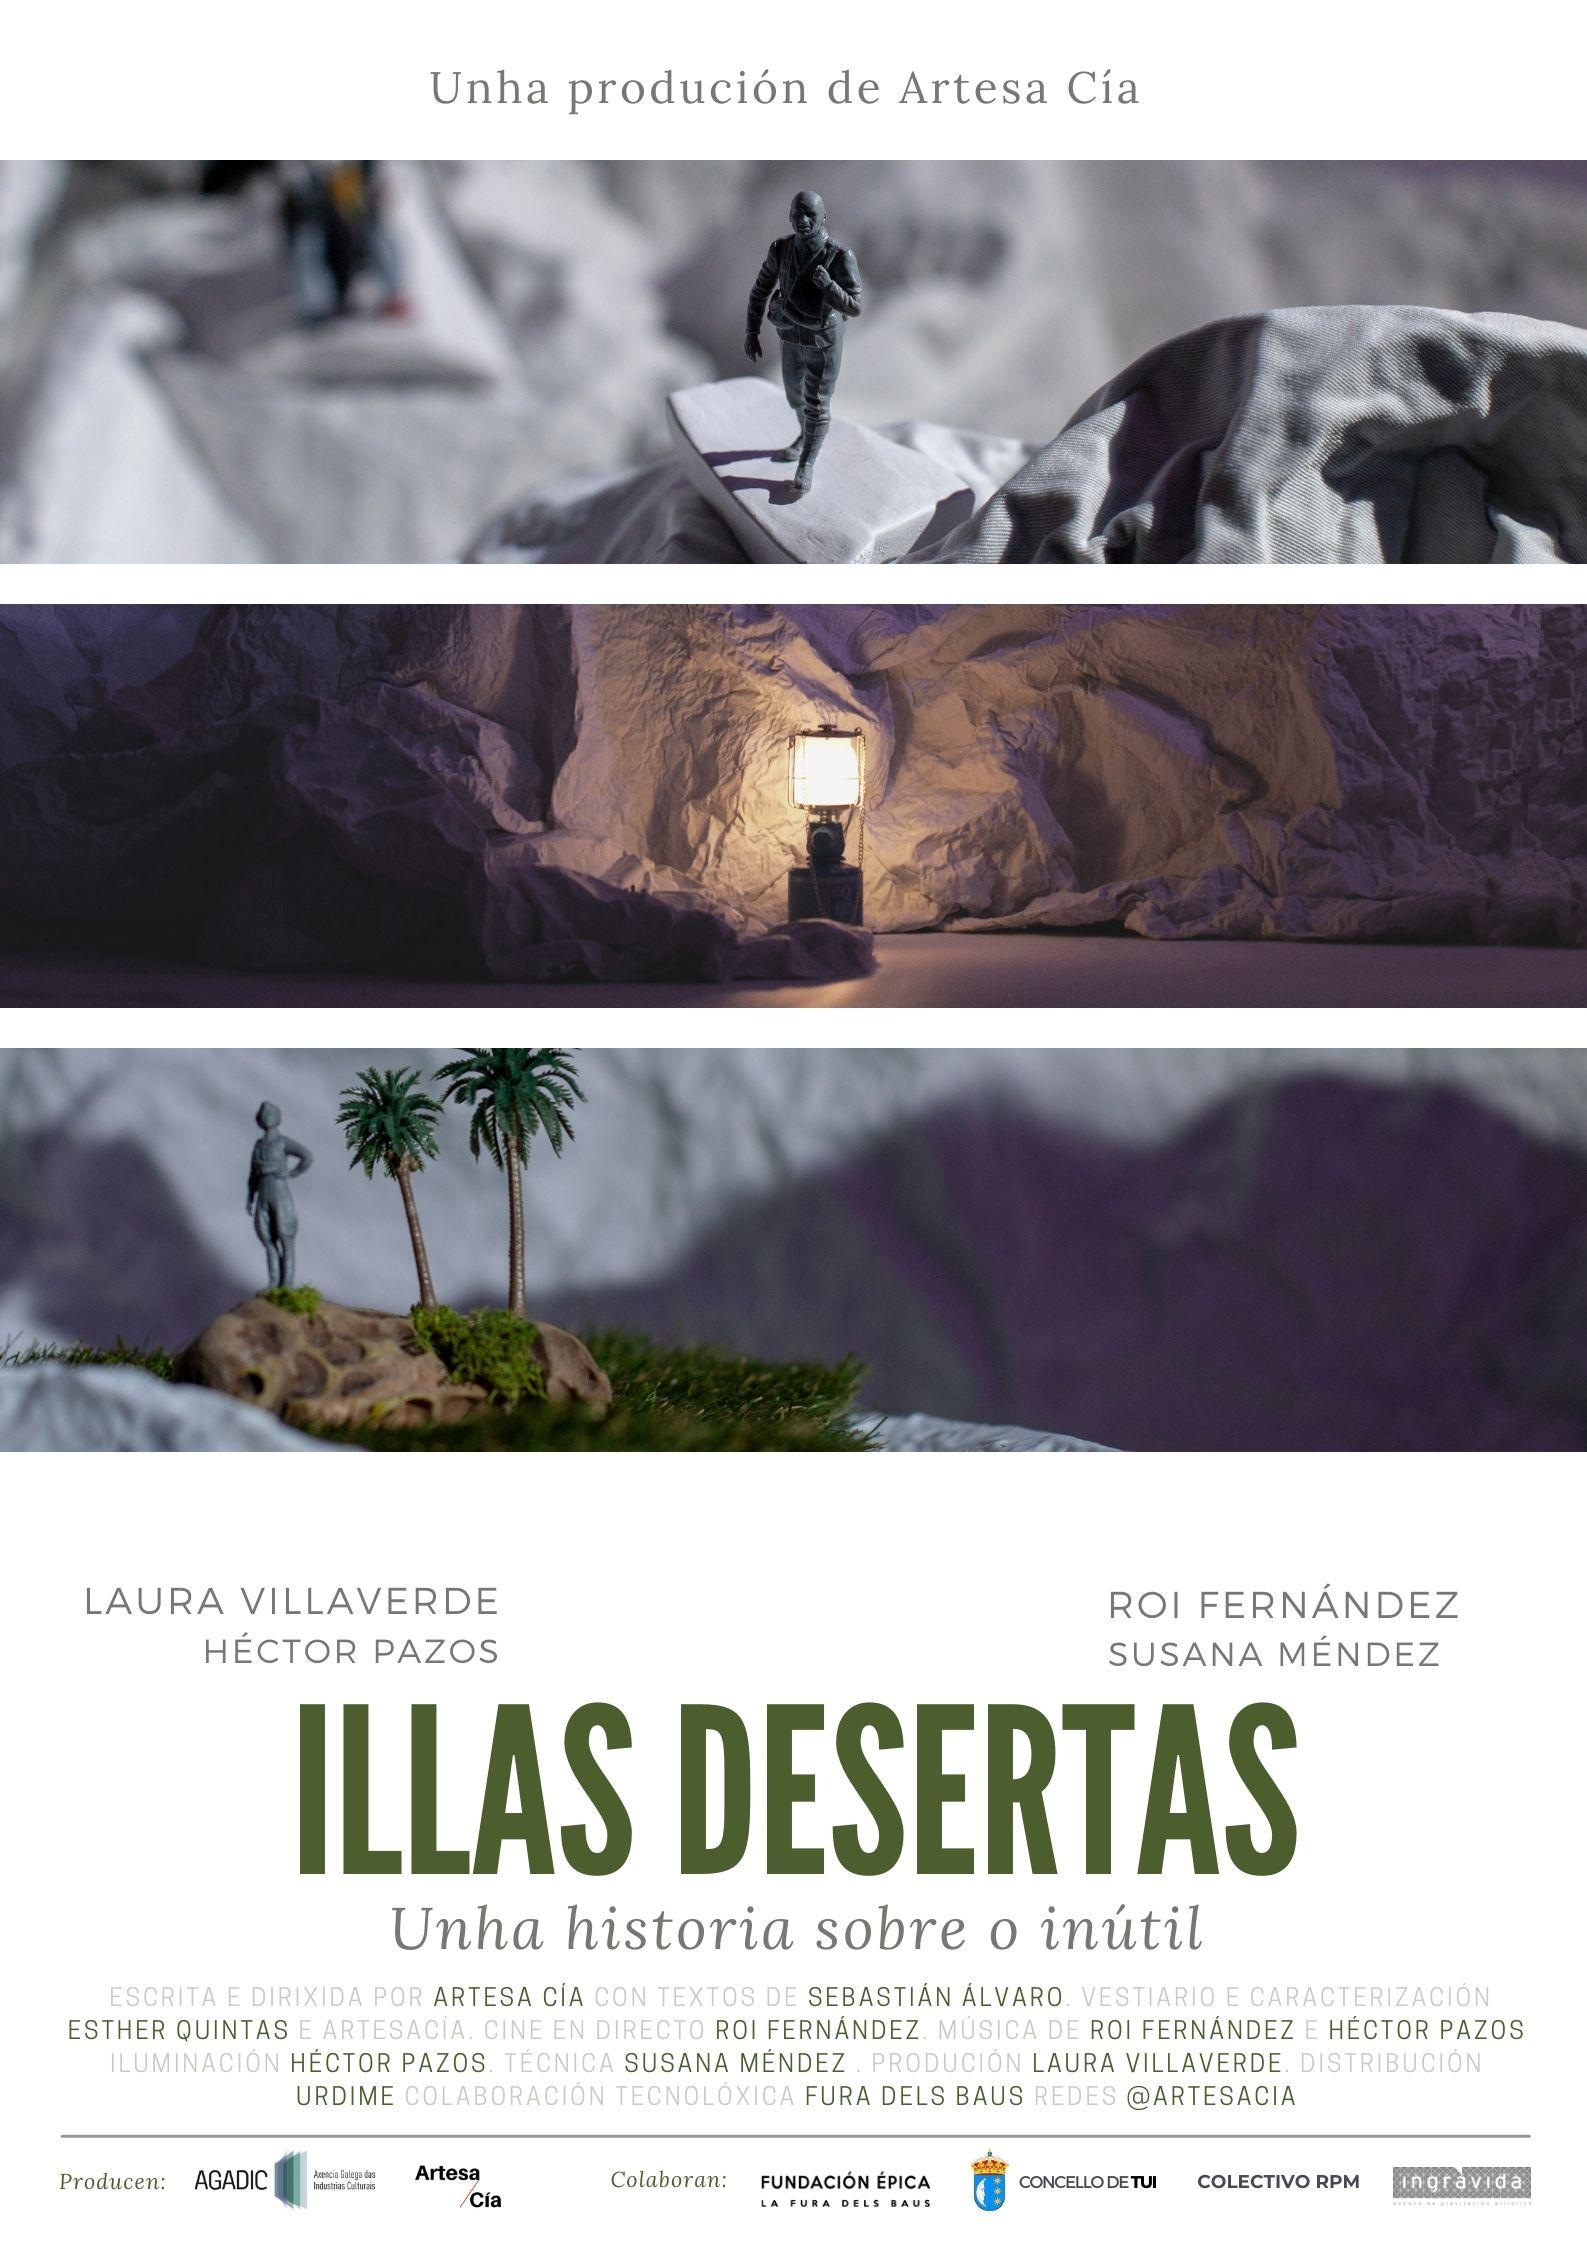 Illas Desertas